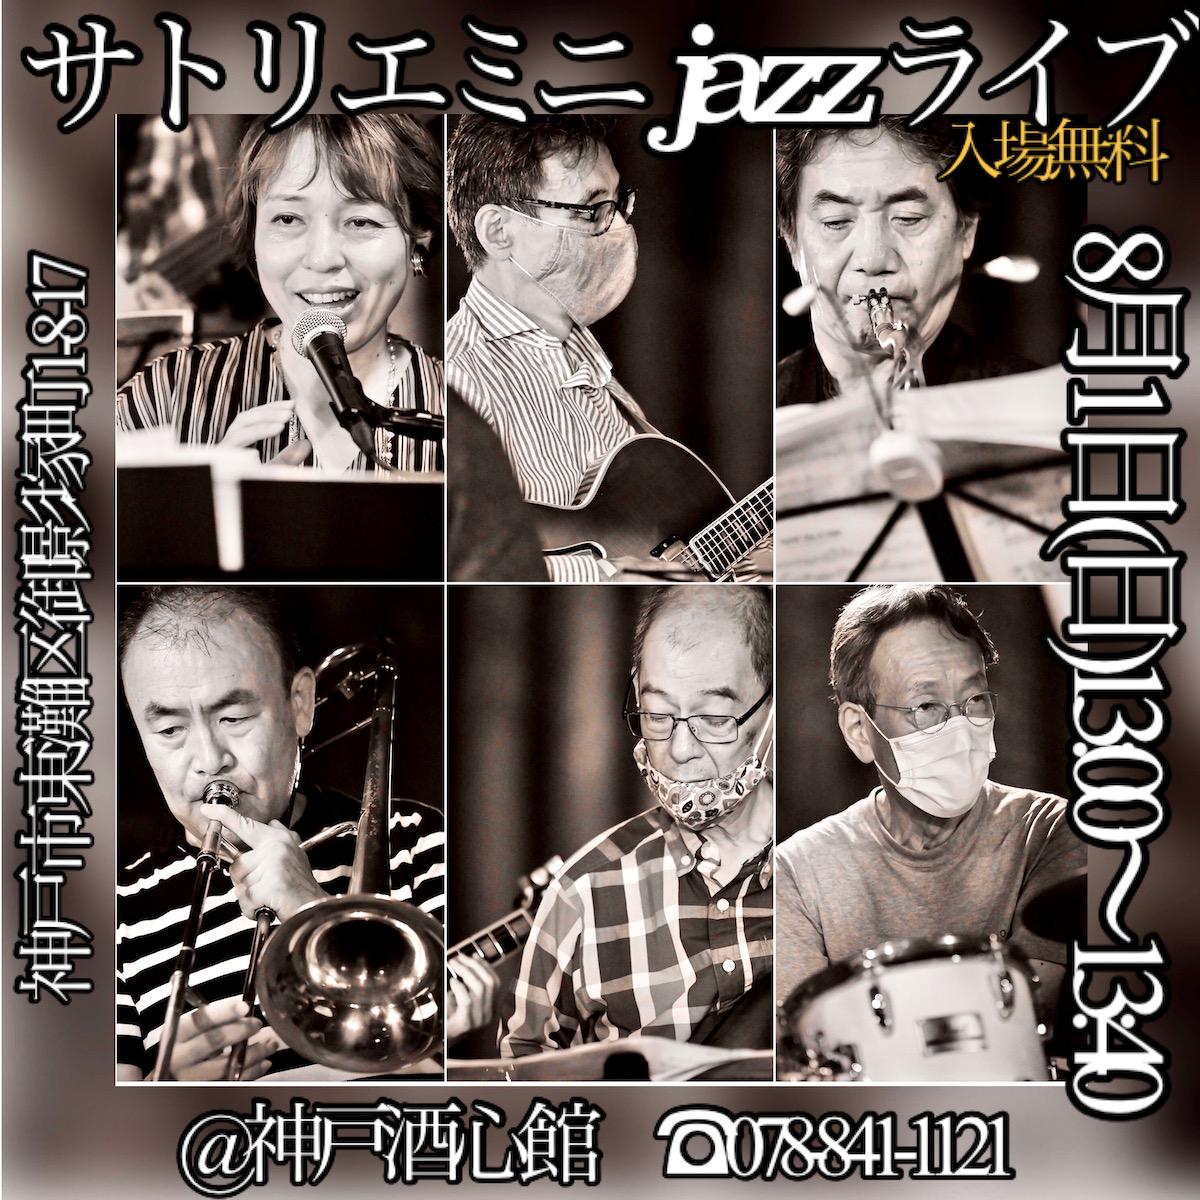 神戸酒心館週末のミニイベント|サトリエJazzライブのお知らせ